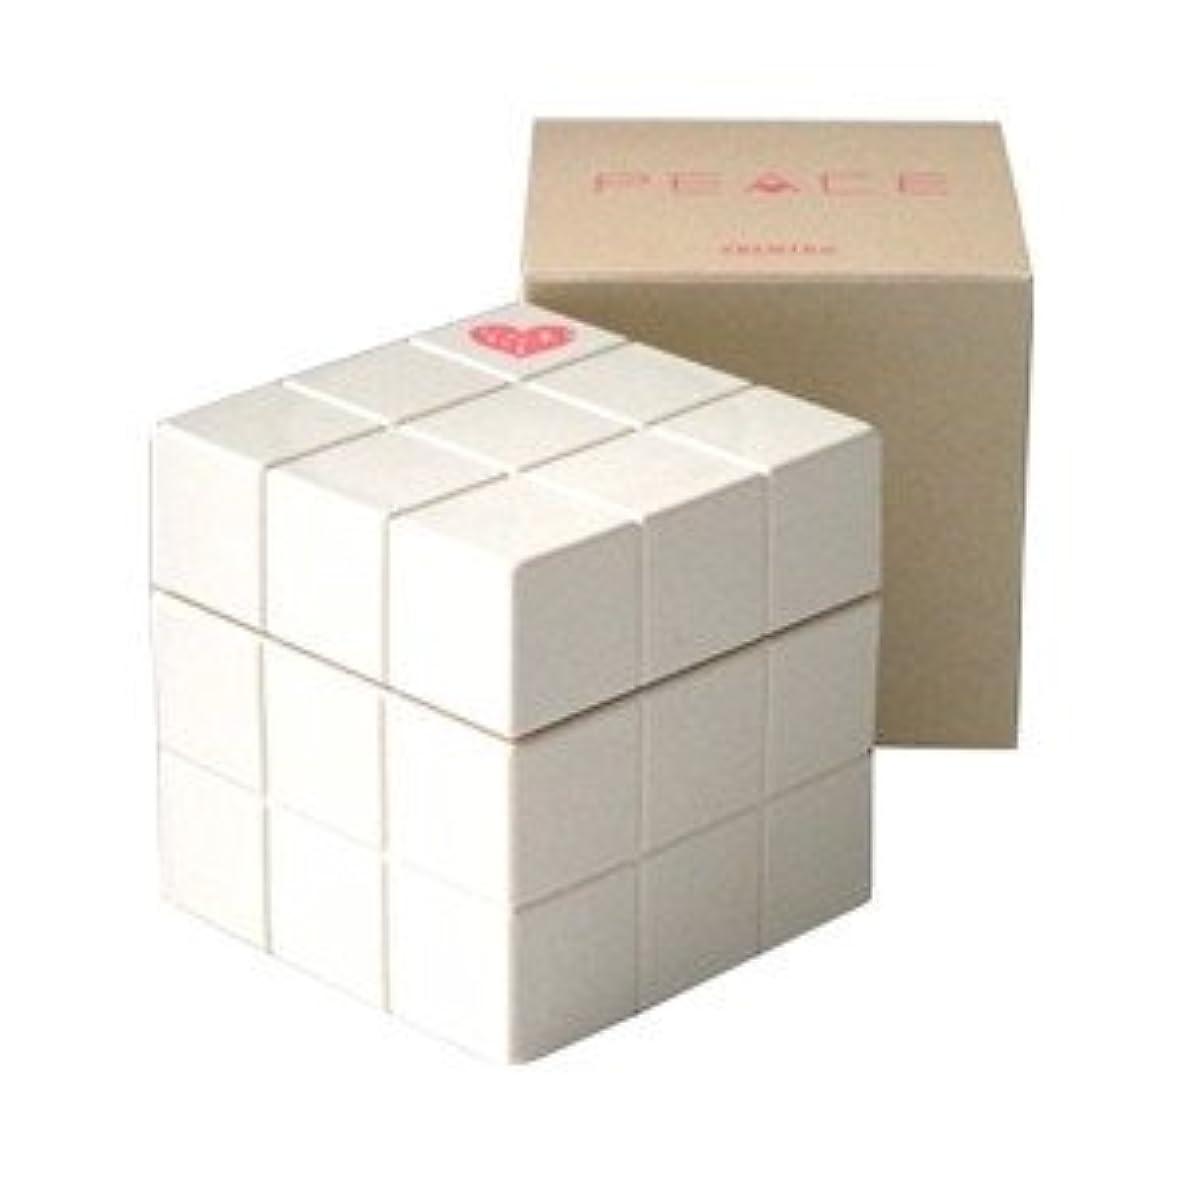 熱意年次膨らみアリミノ ピース ニュアンス wax (バニラ) 80g